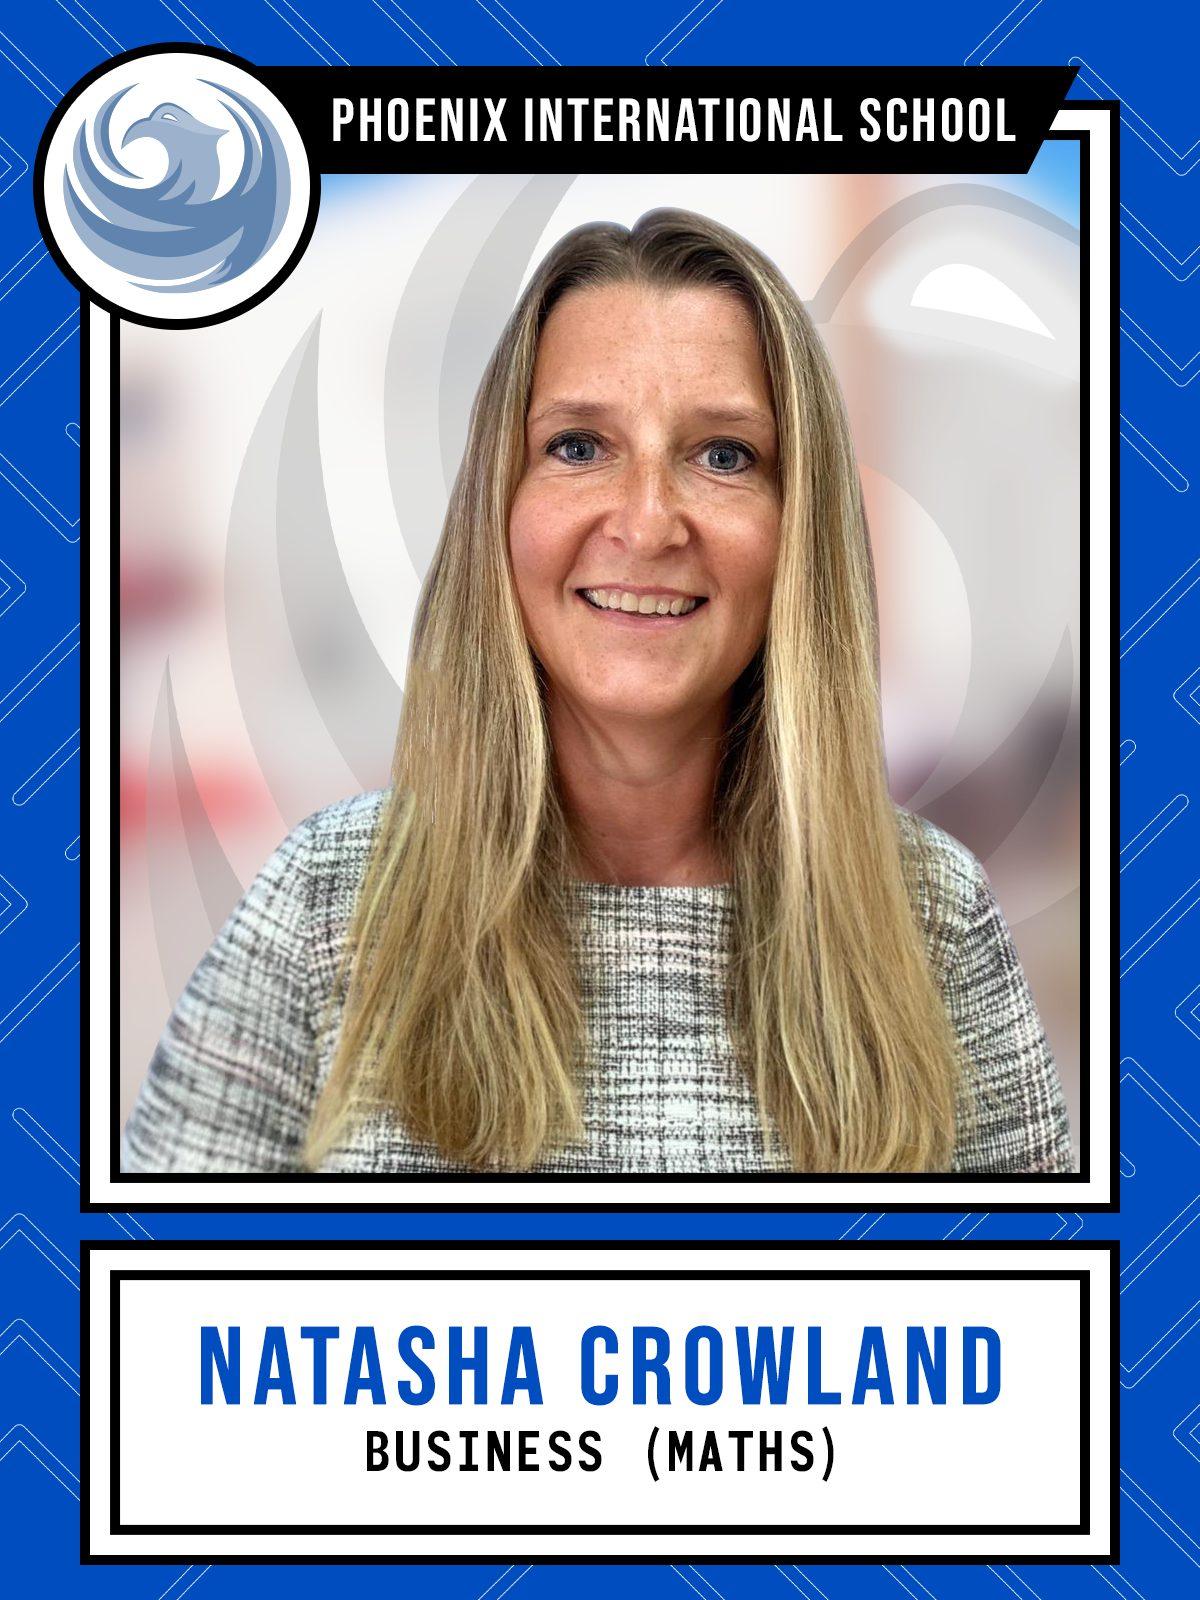 Natasha Crowland - Business